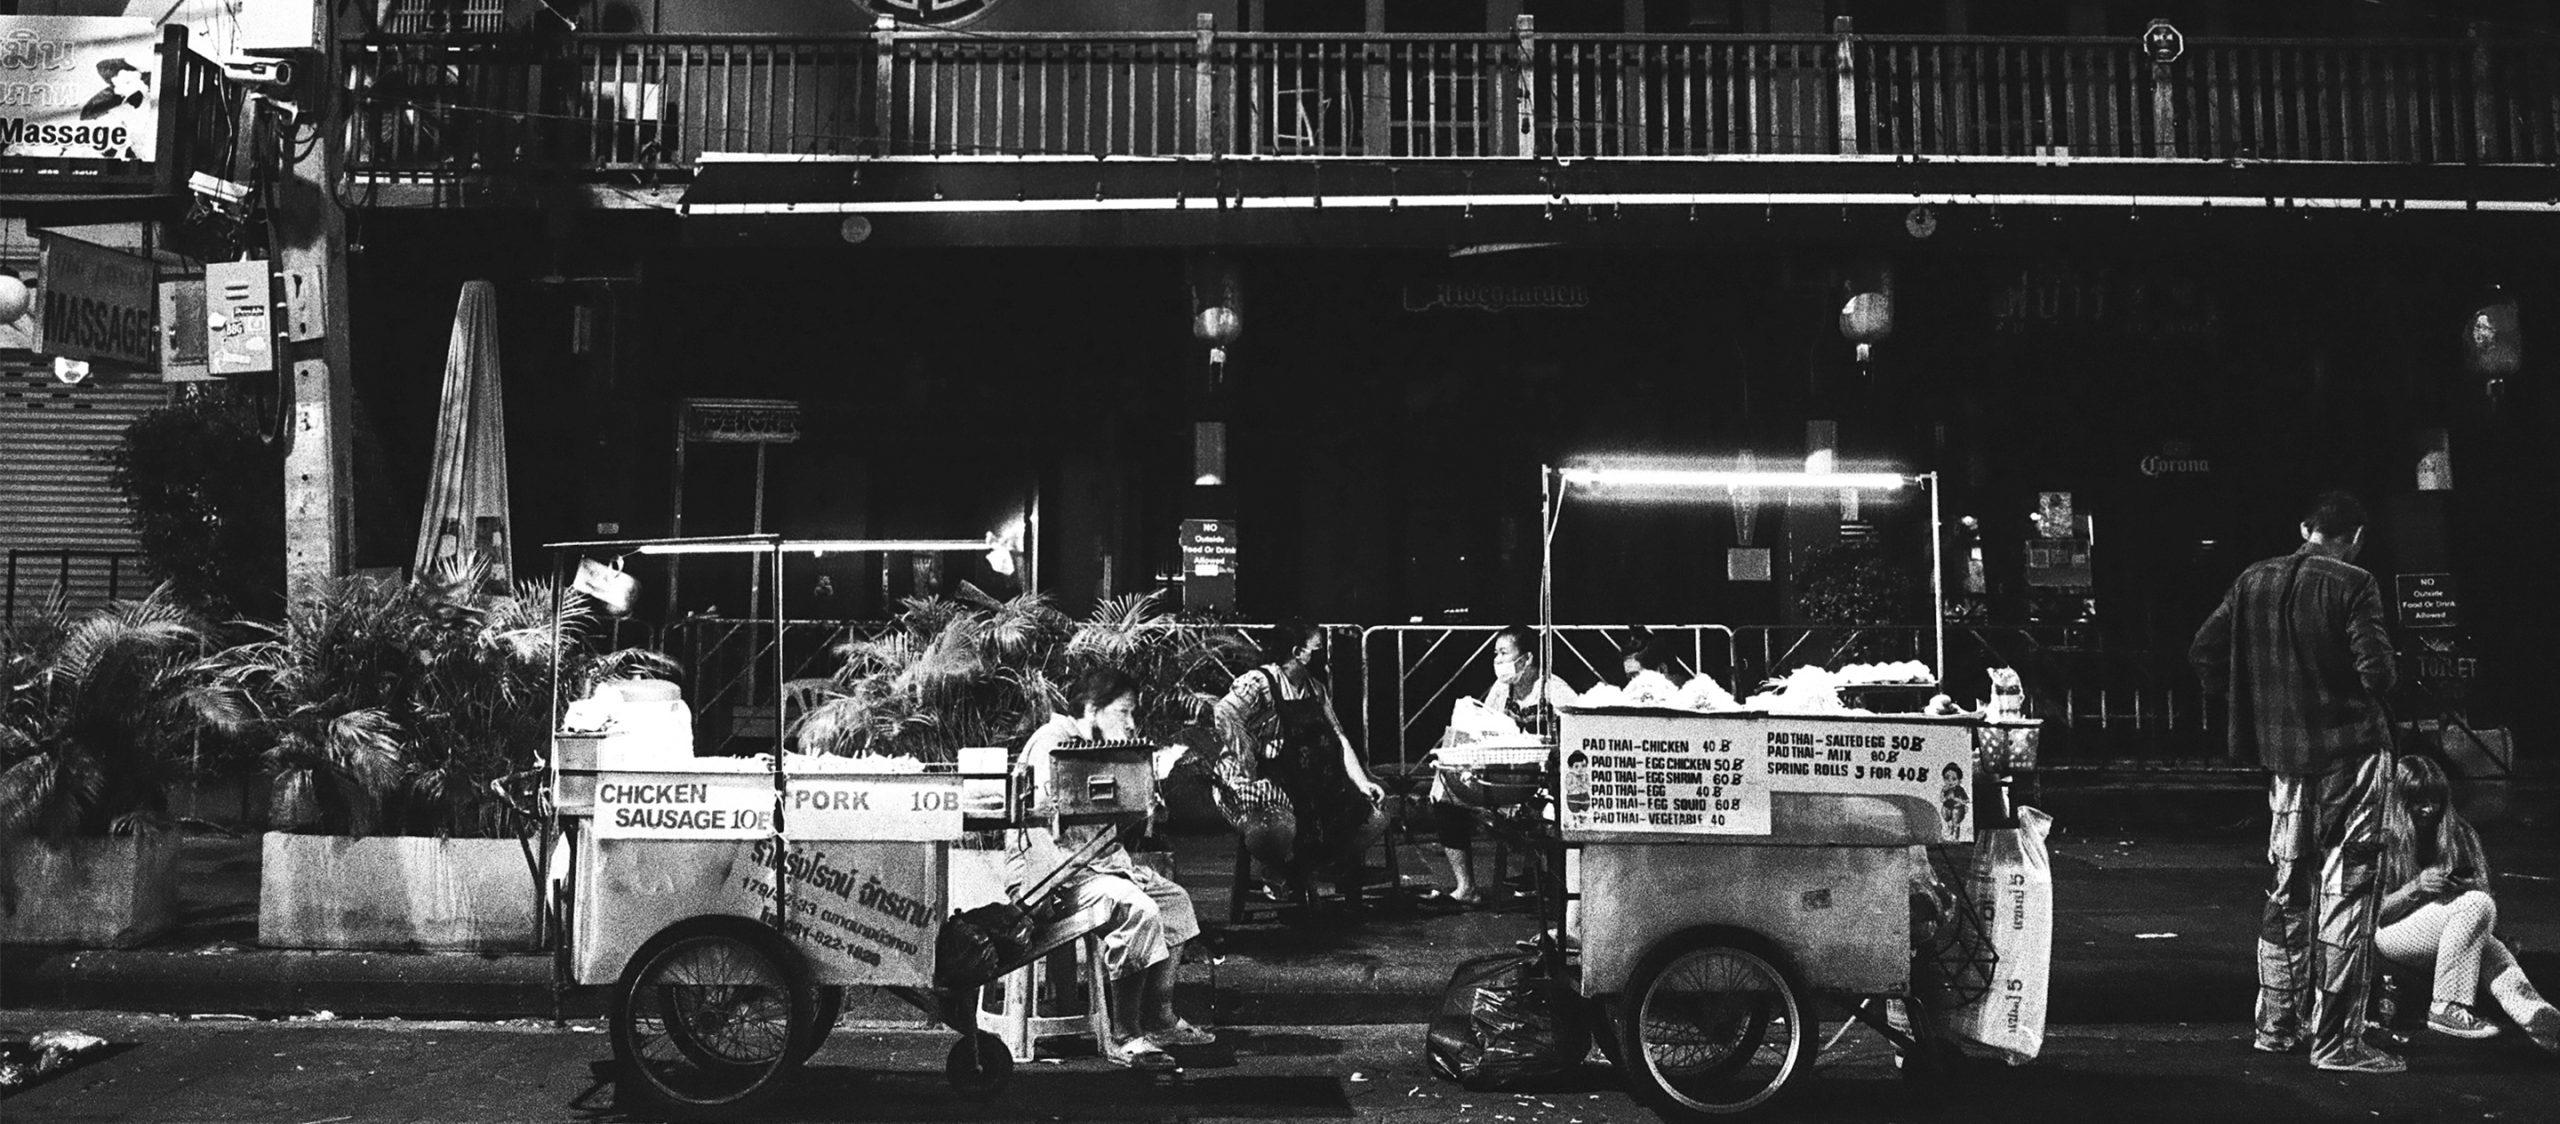 แรงงาน และทุนของไทย ในค่ำคืนของวิกฤตโควิด-19